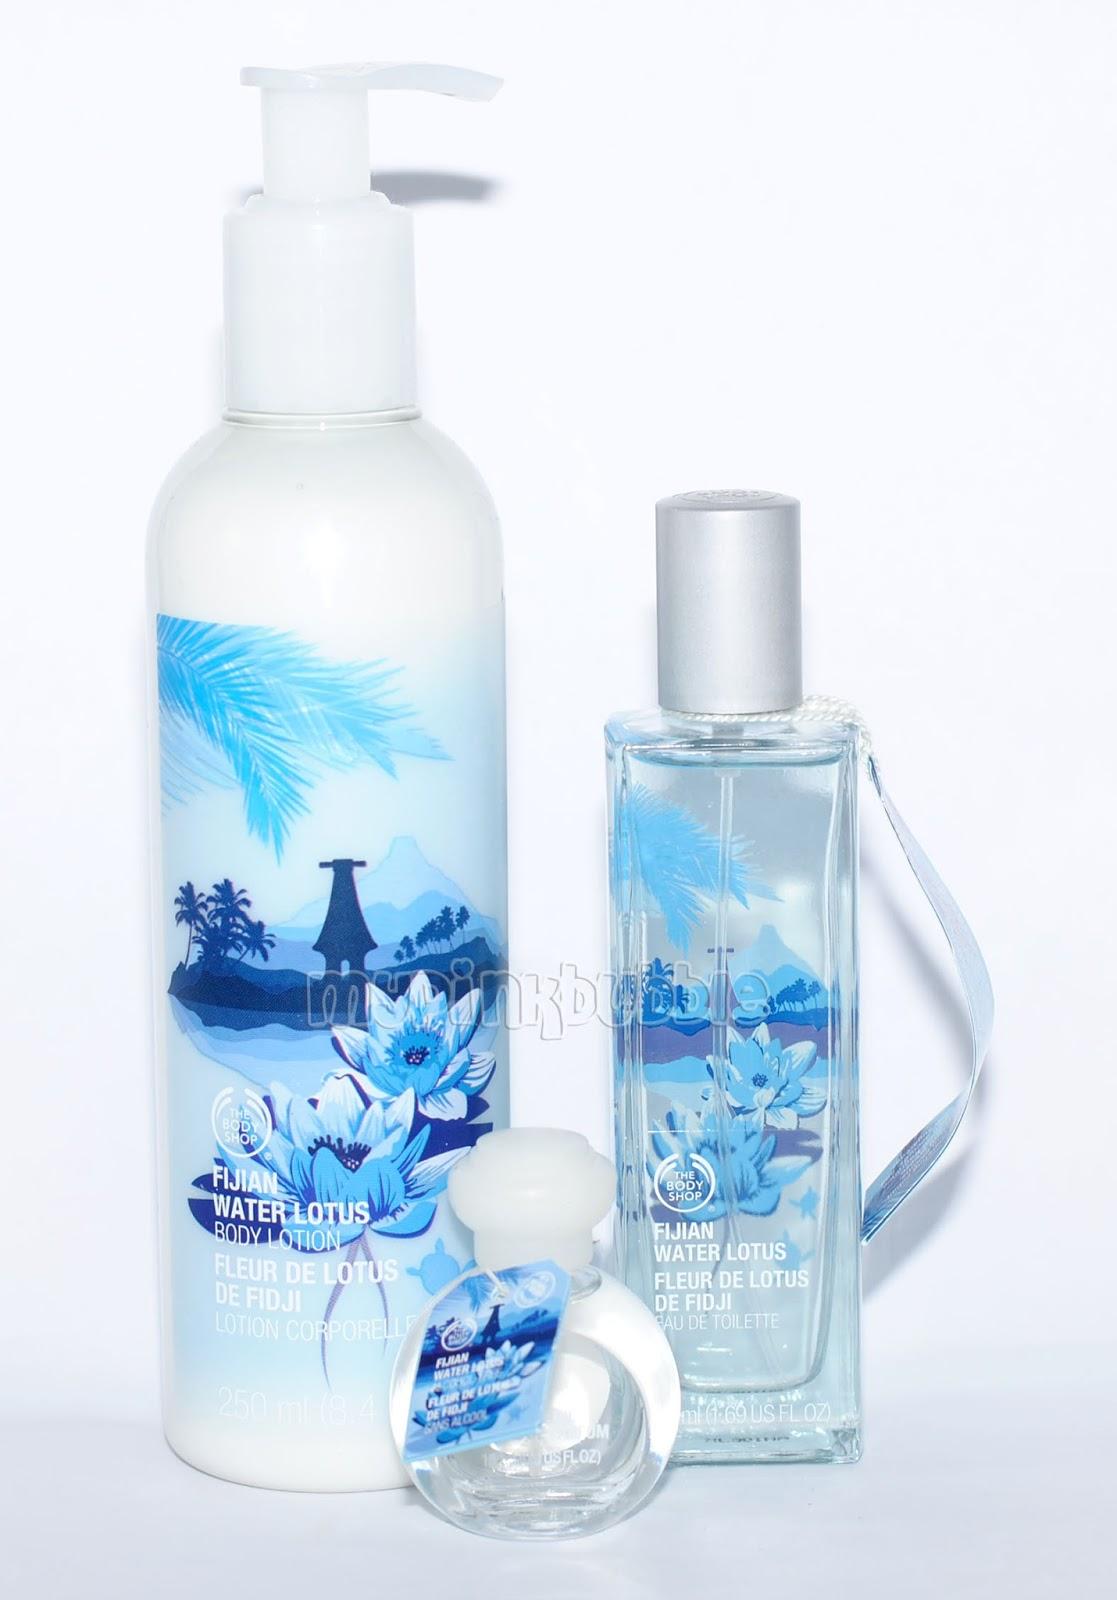 Fijian water Lotus de The Body Shop